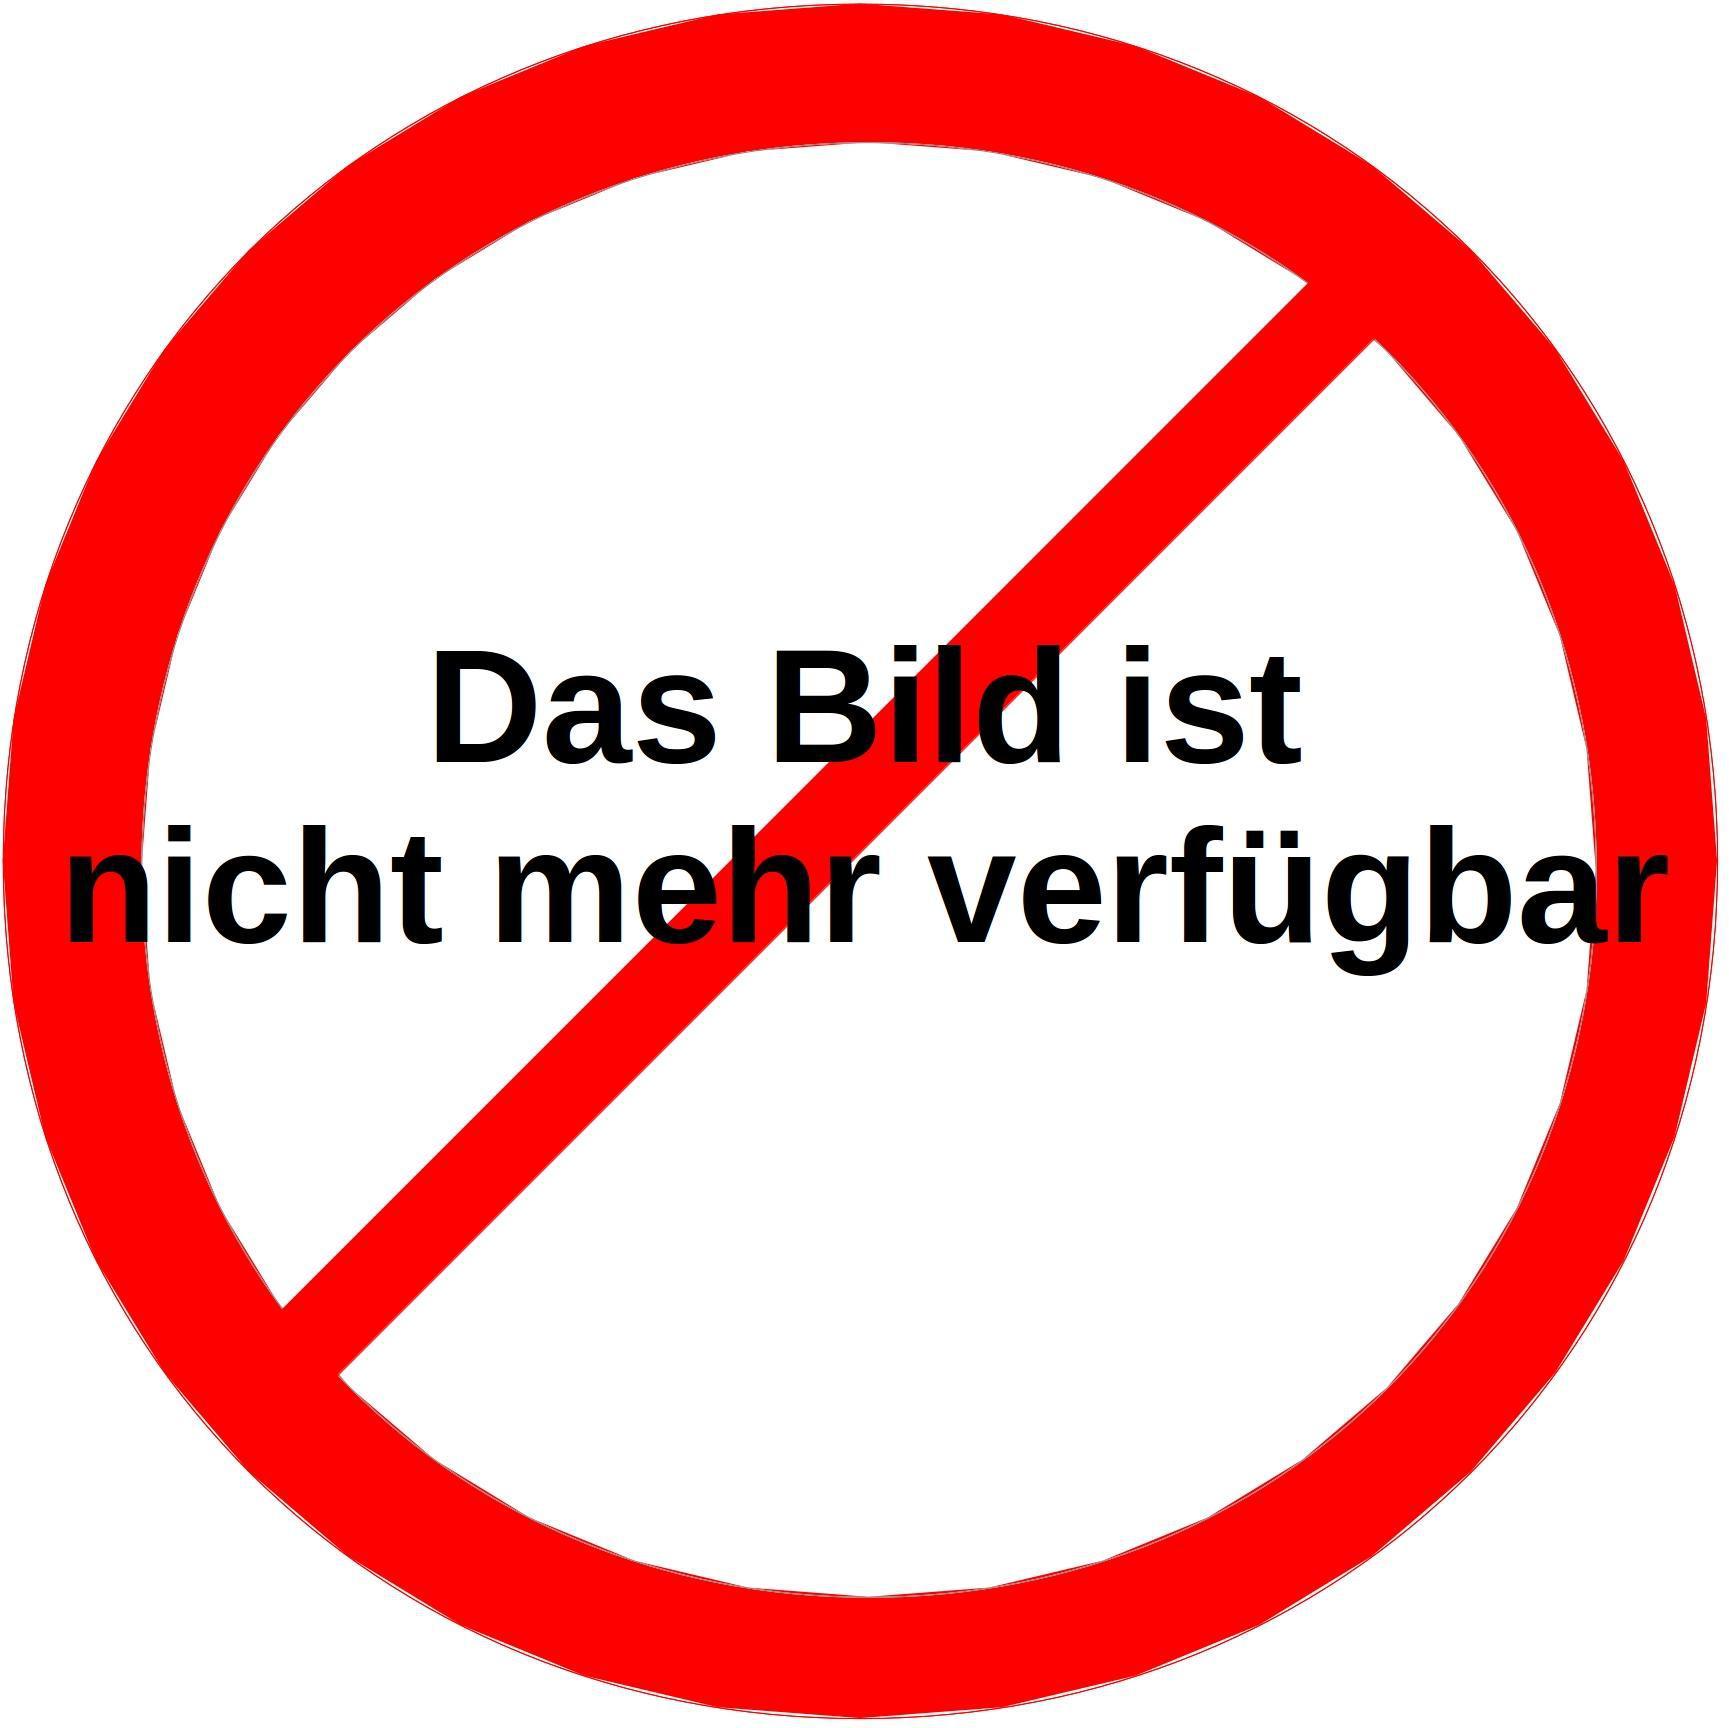 INNENANSICHTEN - UmrAlbrechtstrasse_71-4_Plan